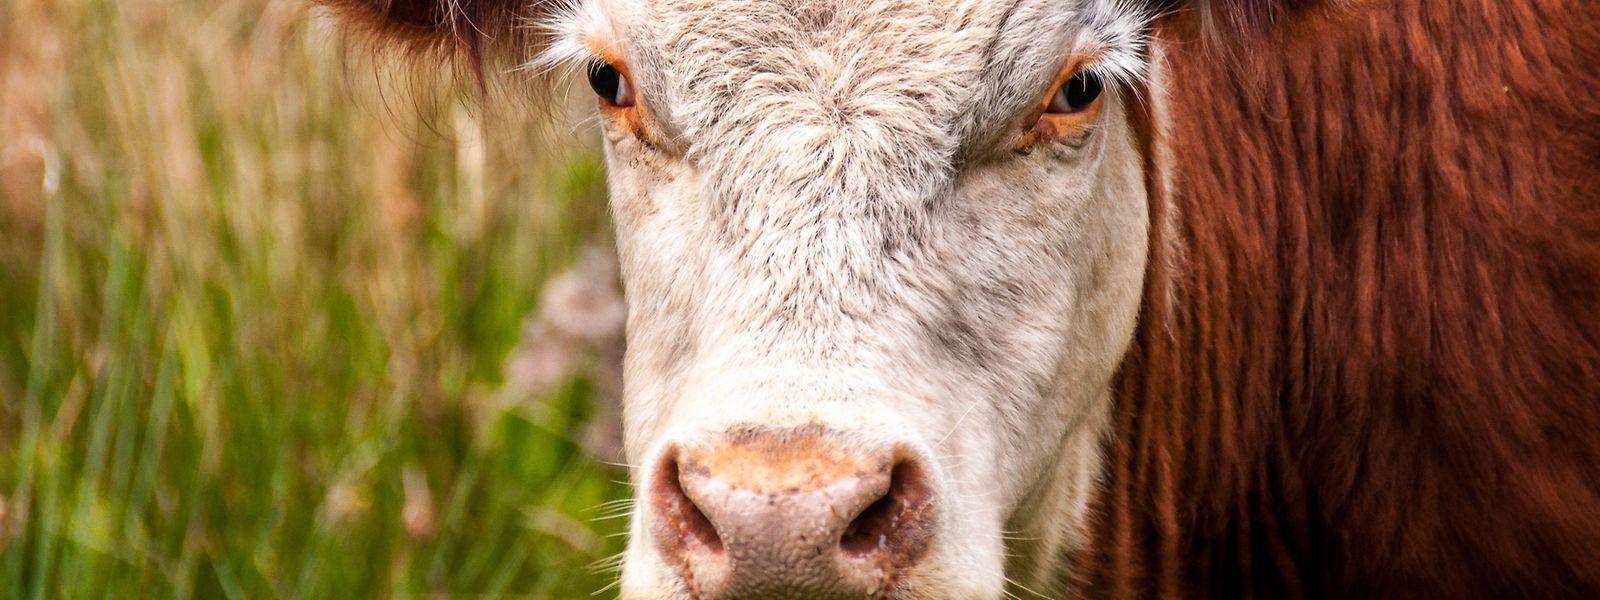 Auf einem Bauernhof in Rodenburg kam es zu einer Kuh-Attacke.